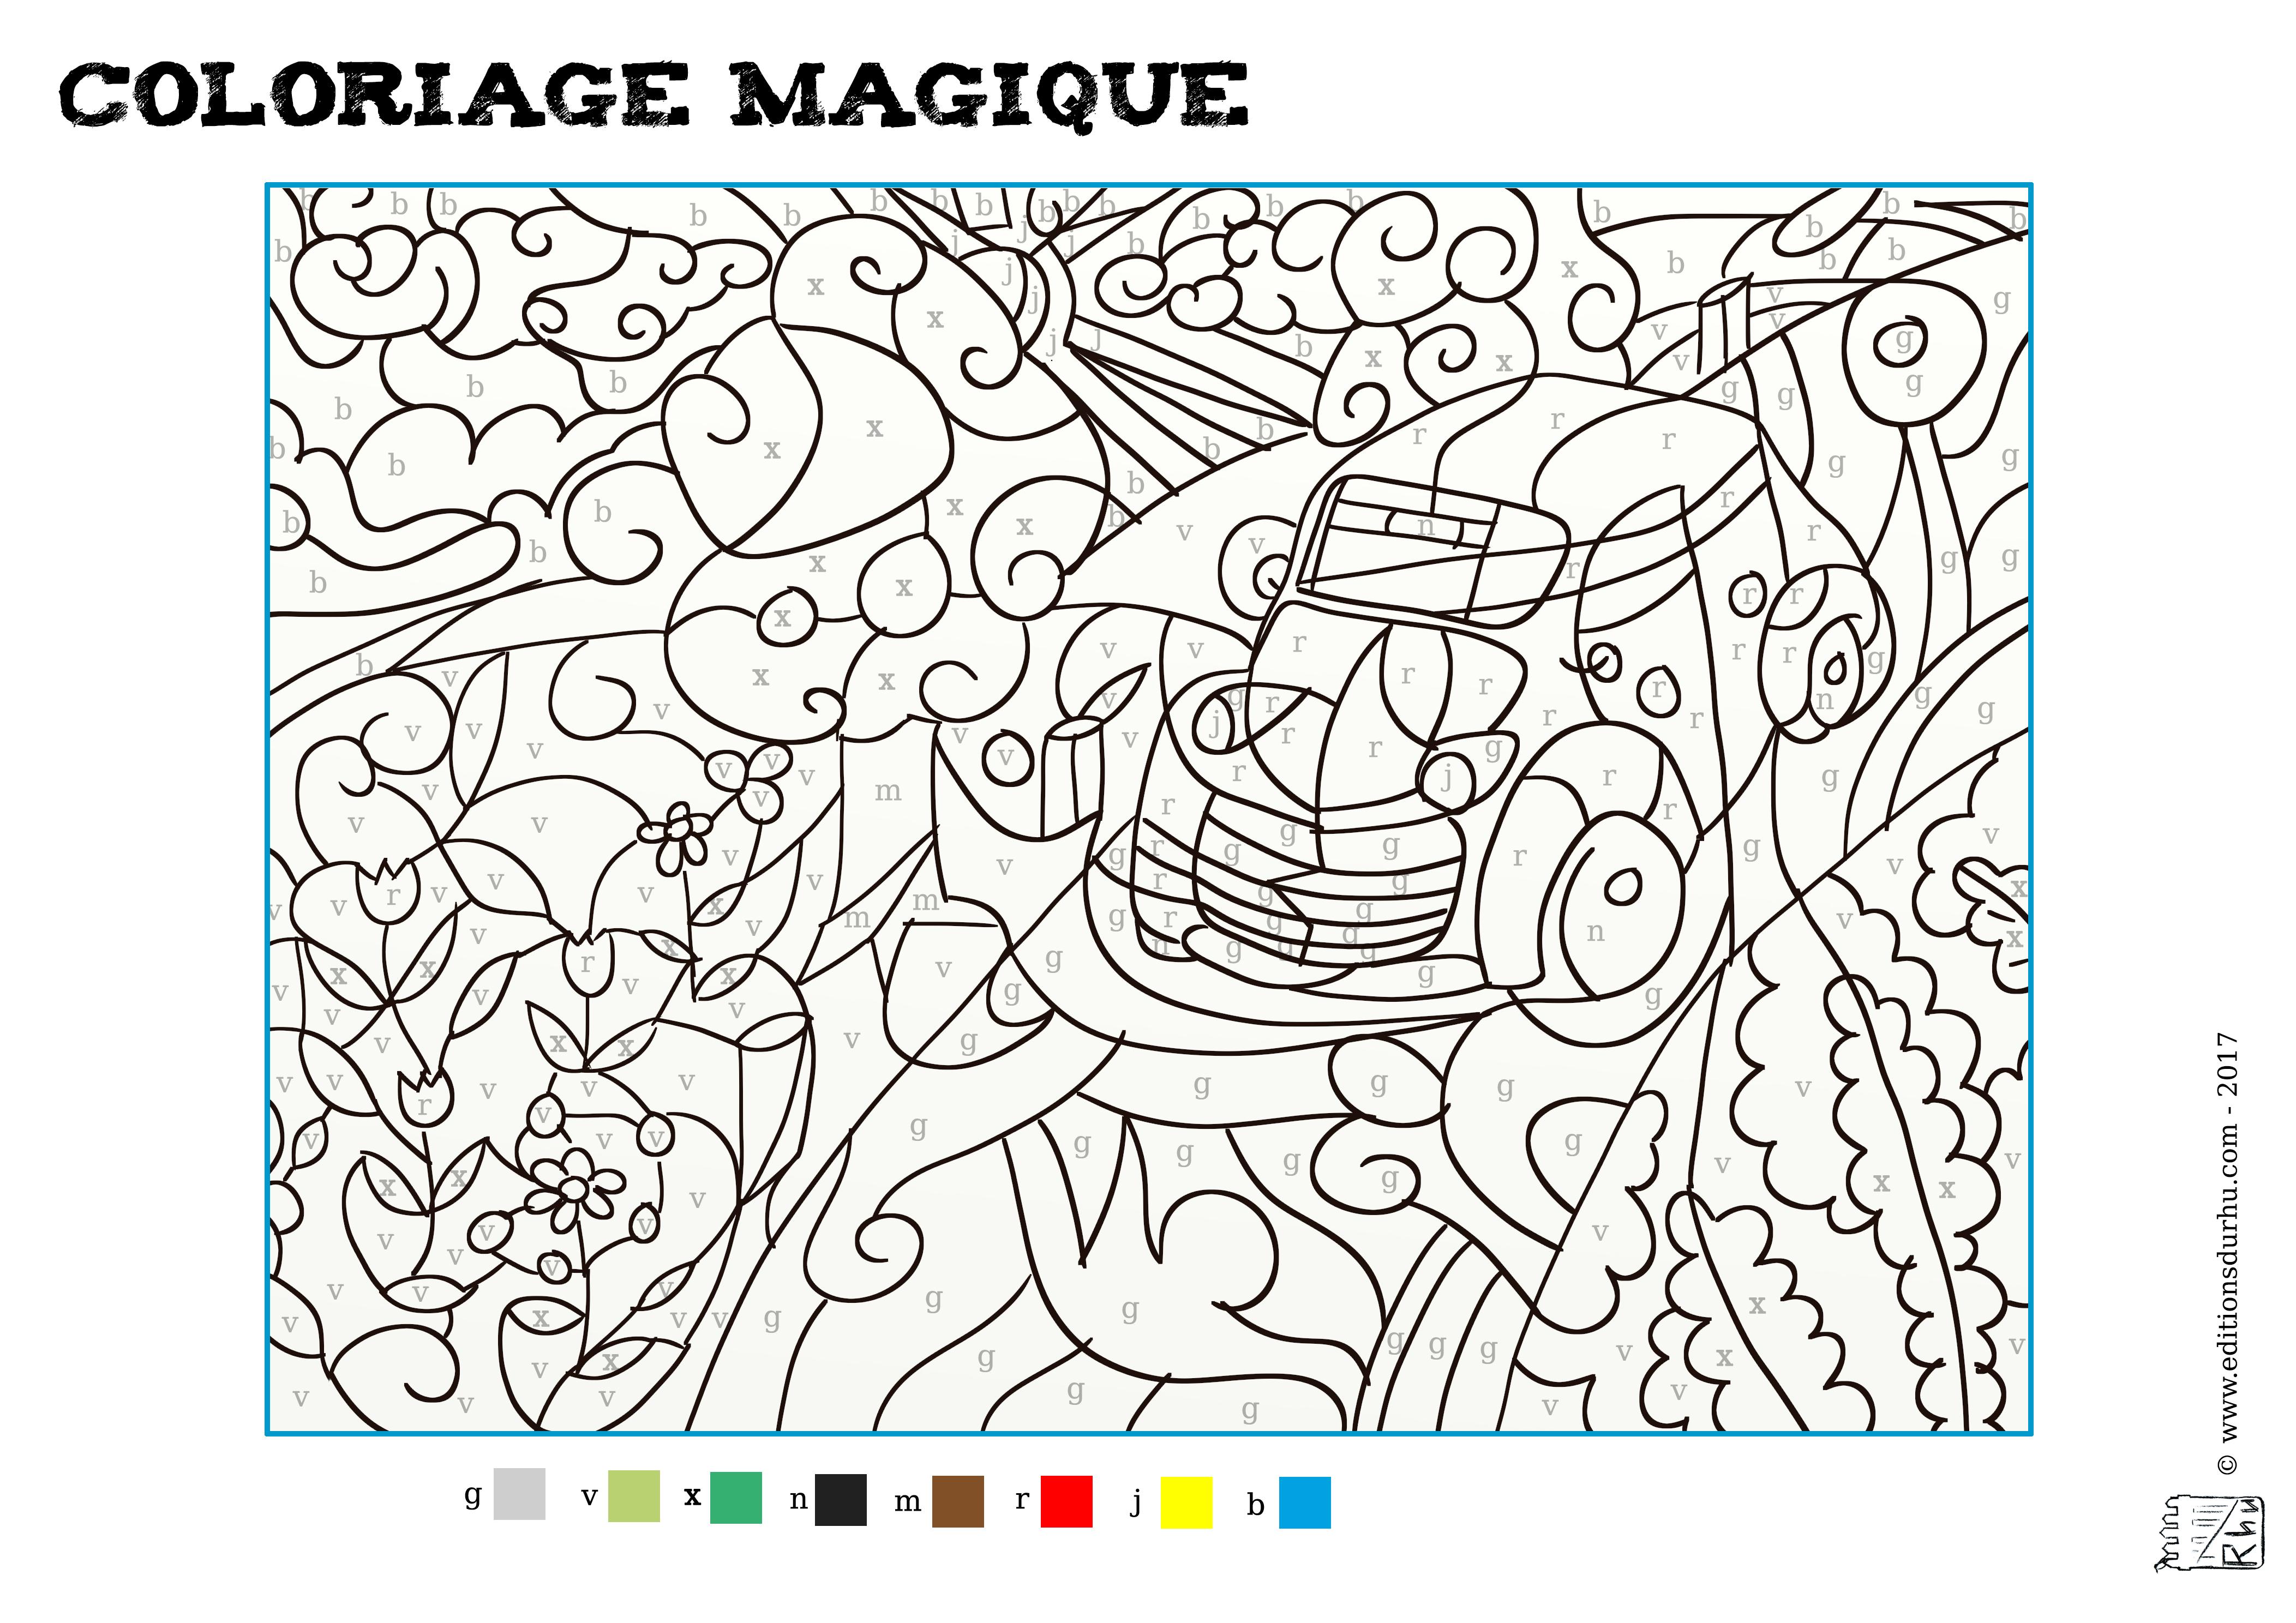 Coloriage Magique #3 - MAISON DU RHU